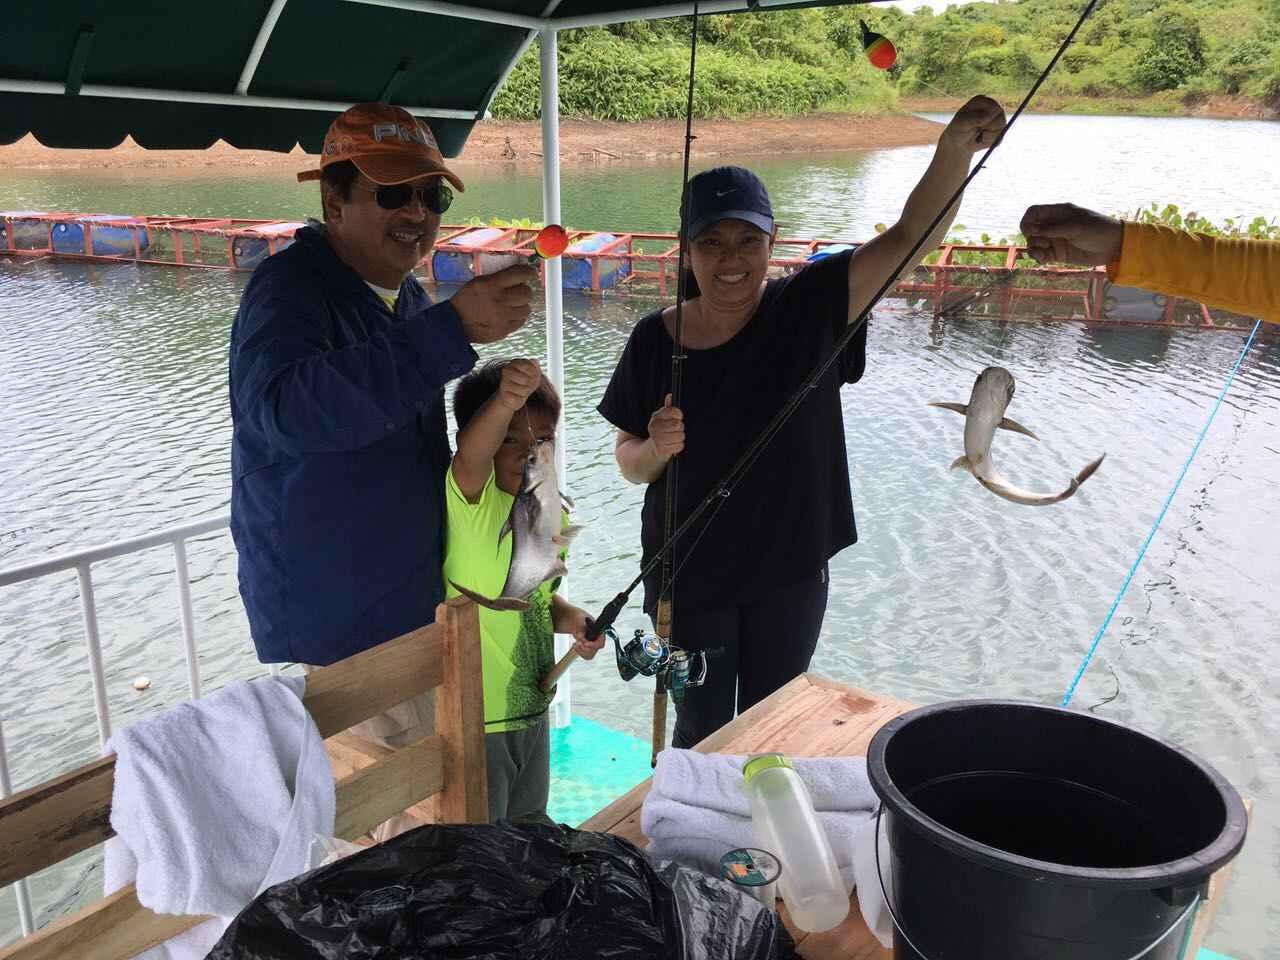 Caliraya_Springs_Golf_Fishing_Tournament-03.jpg